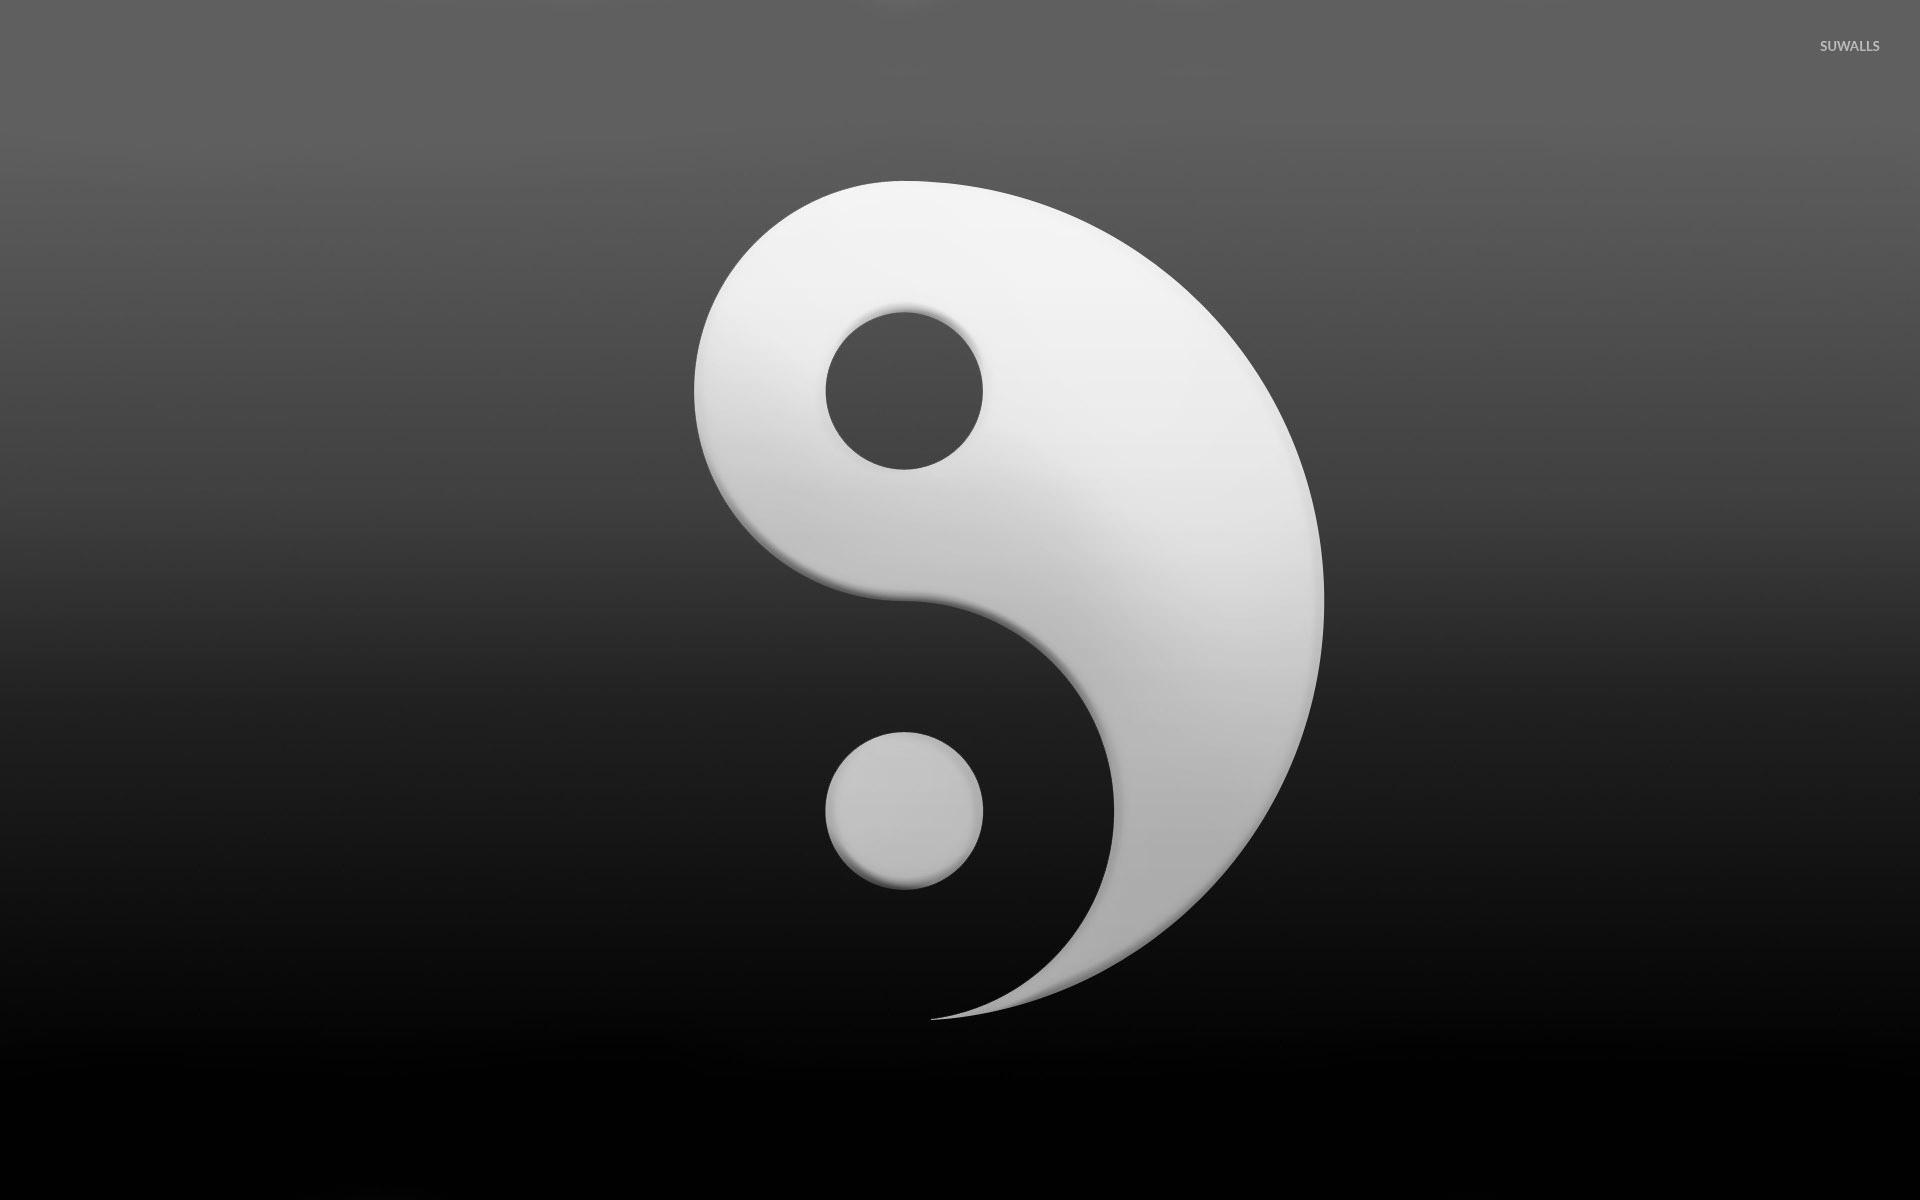 Yin and yang wallpaper